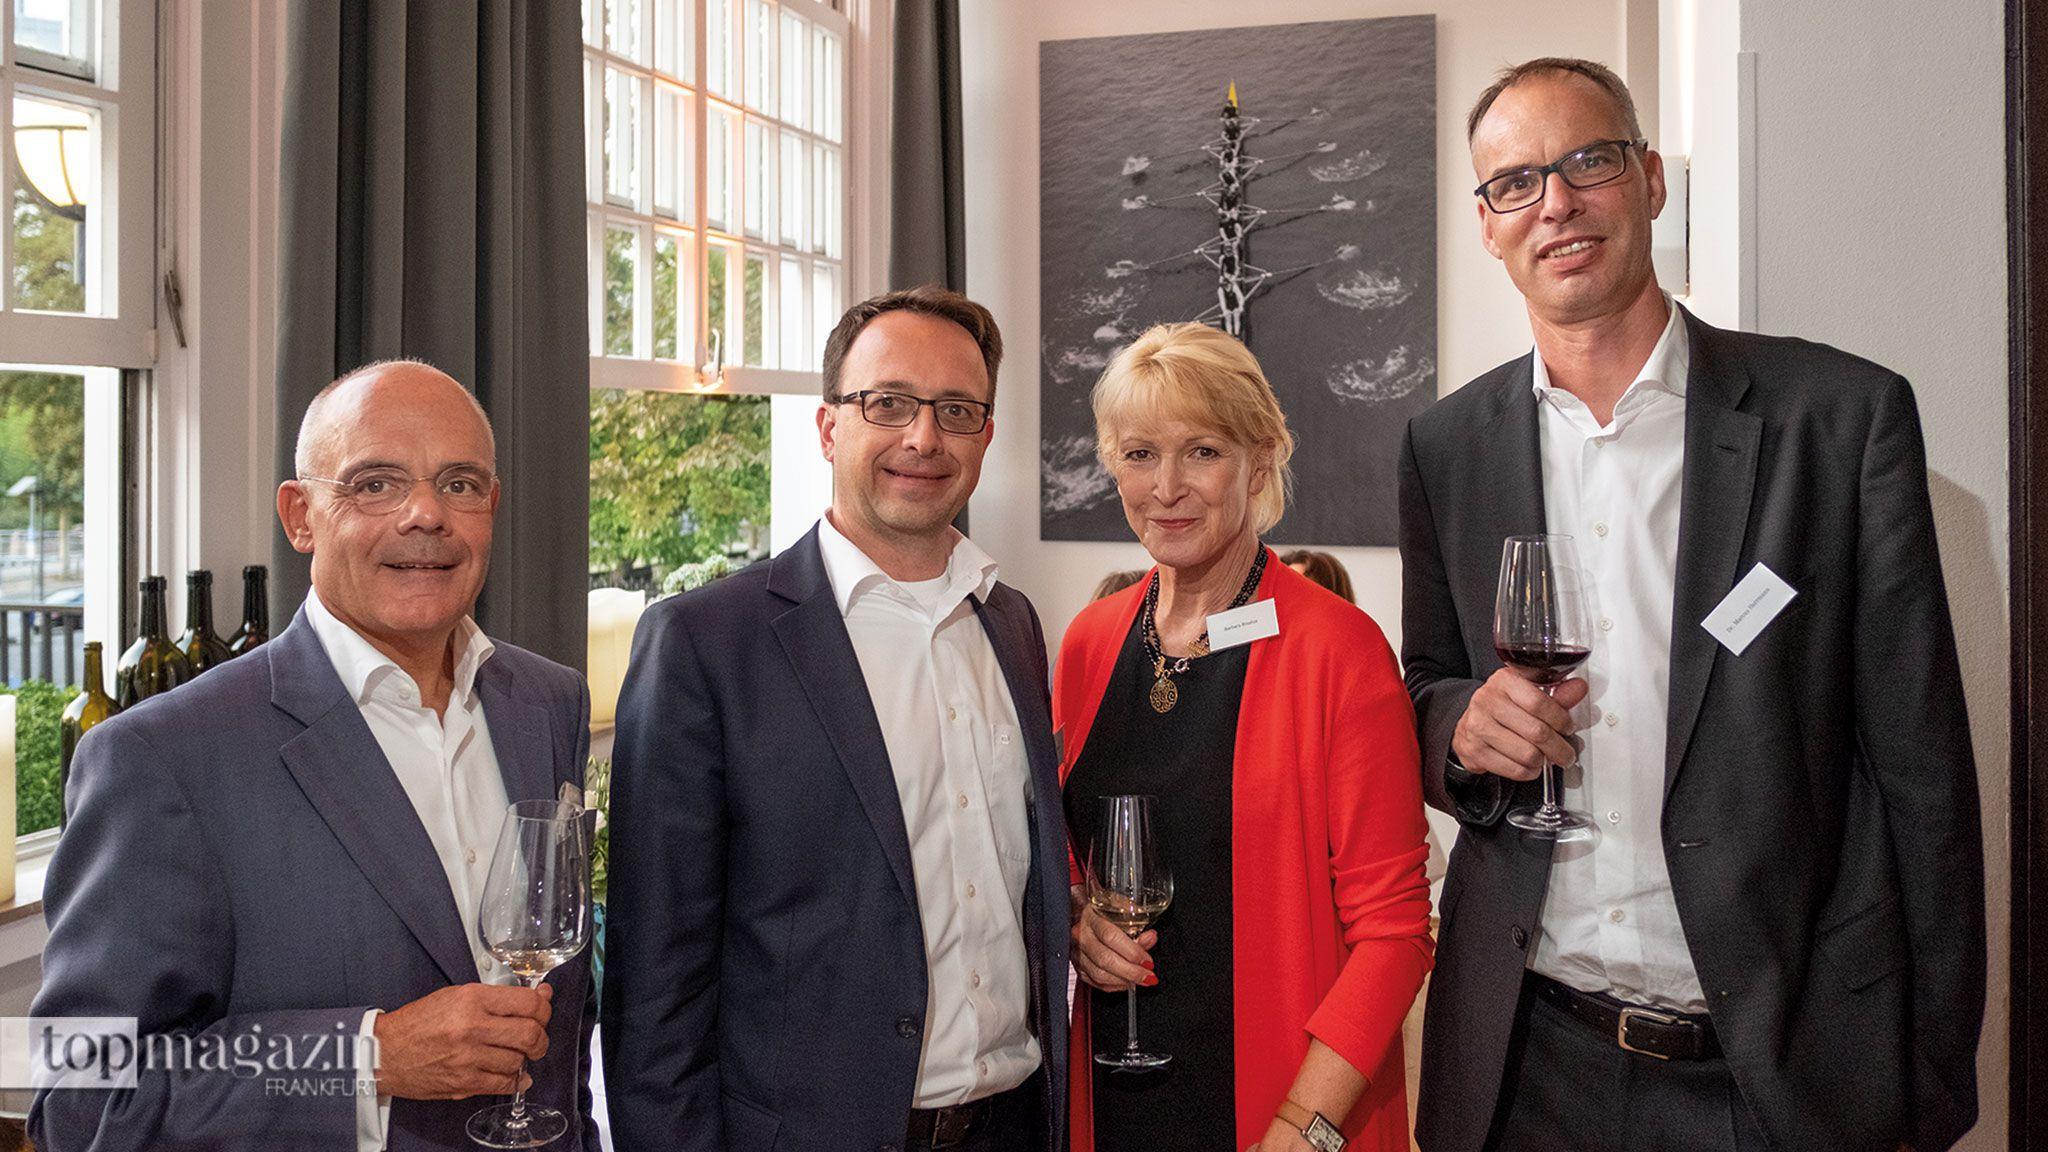 Genießen die Atmosphäre im traditionsreichen Ruderclub Germania Die Gäste Thomas Etzel, Heiko Weber, Barbara Brosius und Dr. Marcus Herrmann